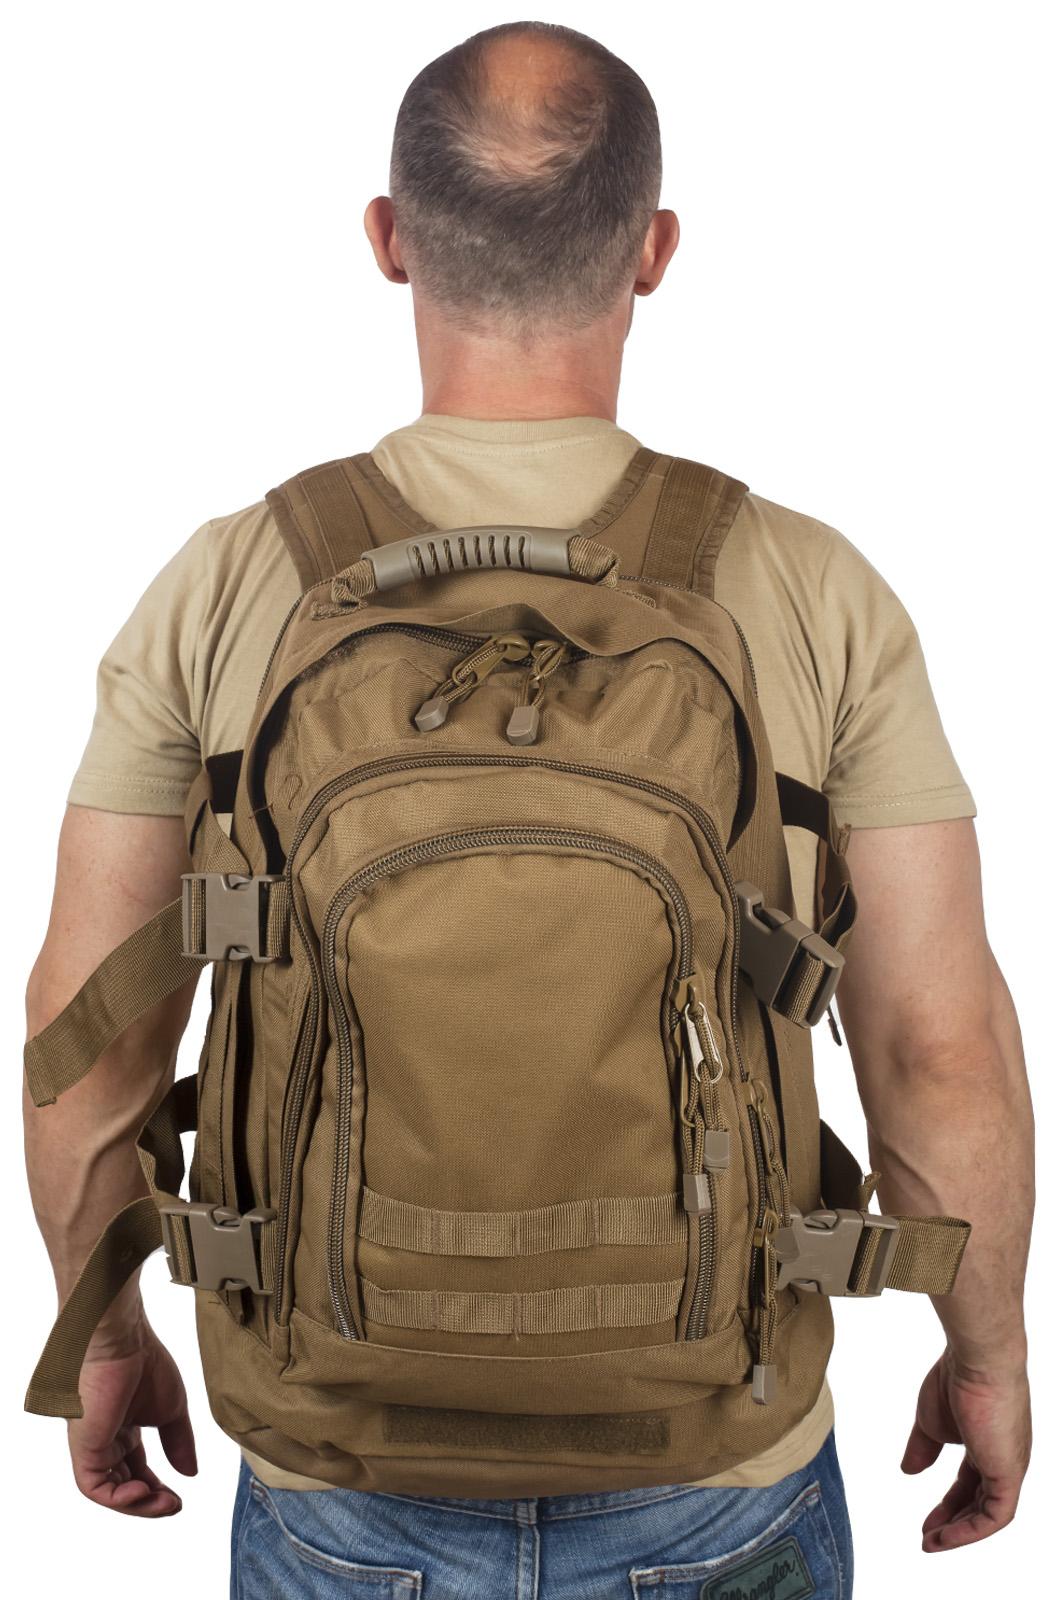 Многодневный рюкзак выживальщика Expandable Backpack (40 литров, койот)